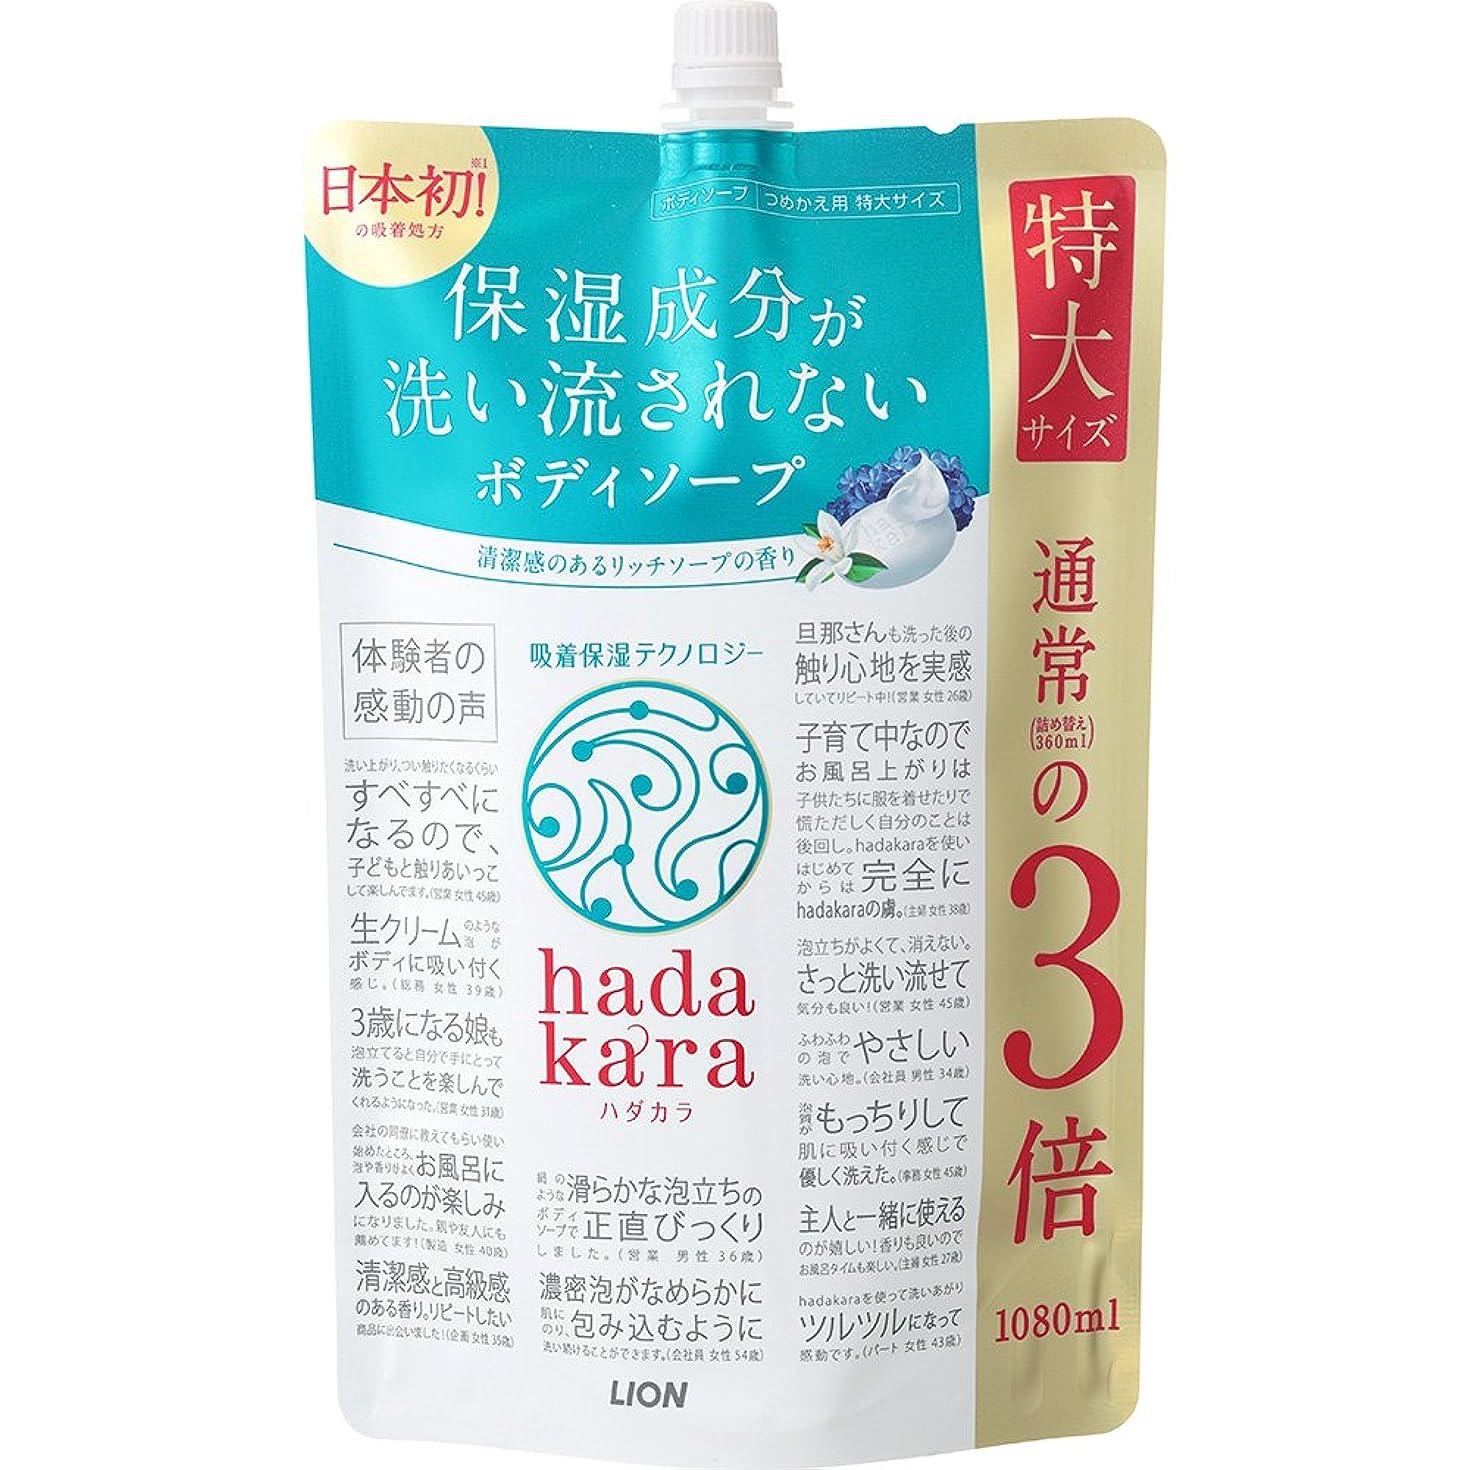 続ける交通暗黙【大容量】hadakara(ハダカラ) ボディソープ リッチソープの香り 詰め替え 特大 1080ml